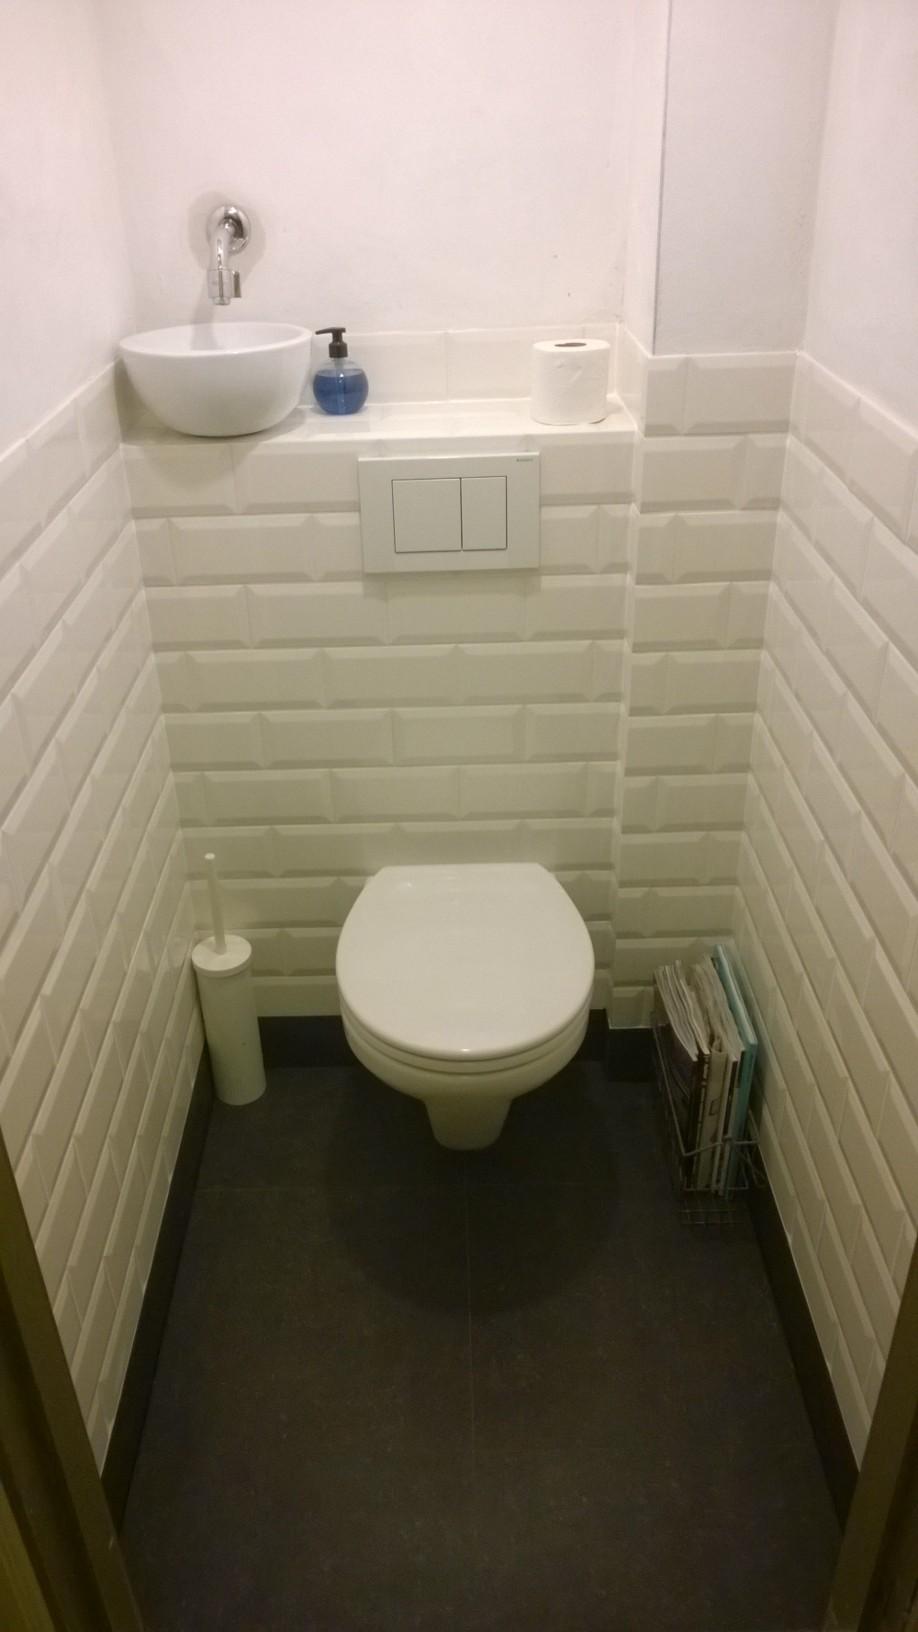 ontwerp badkamer kleine ruimte